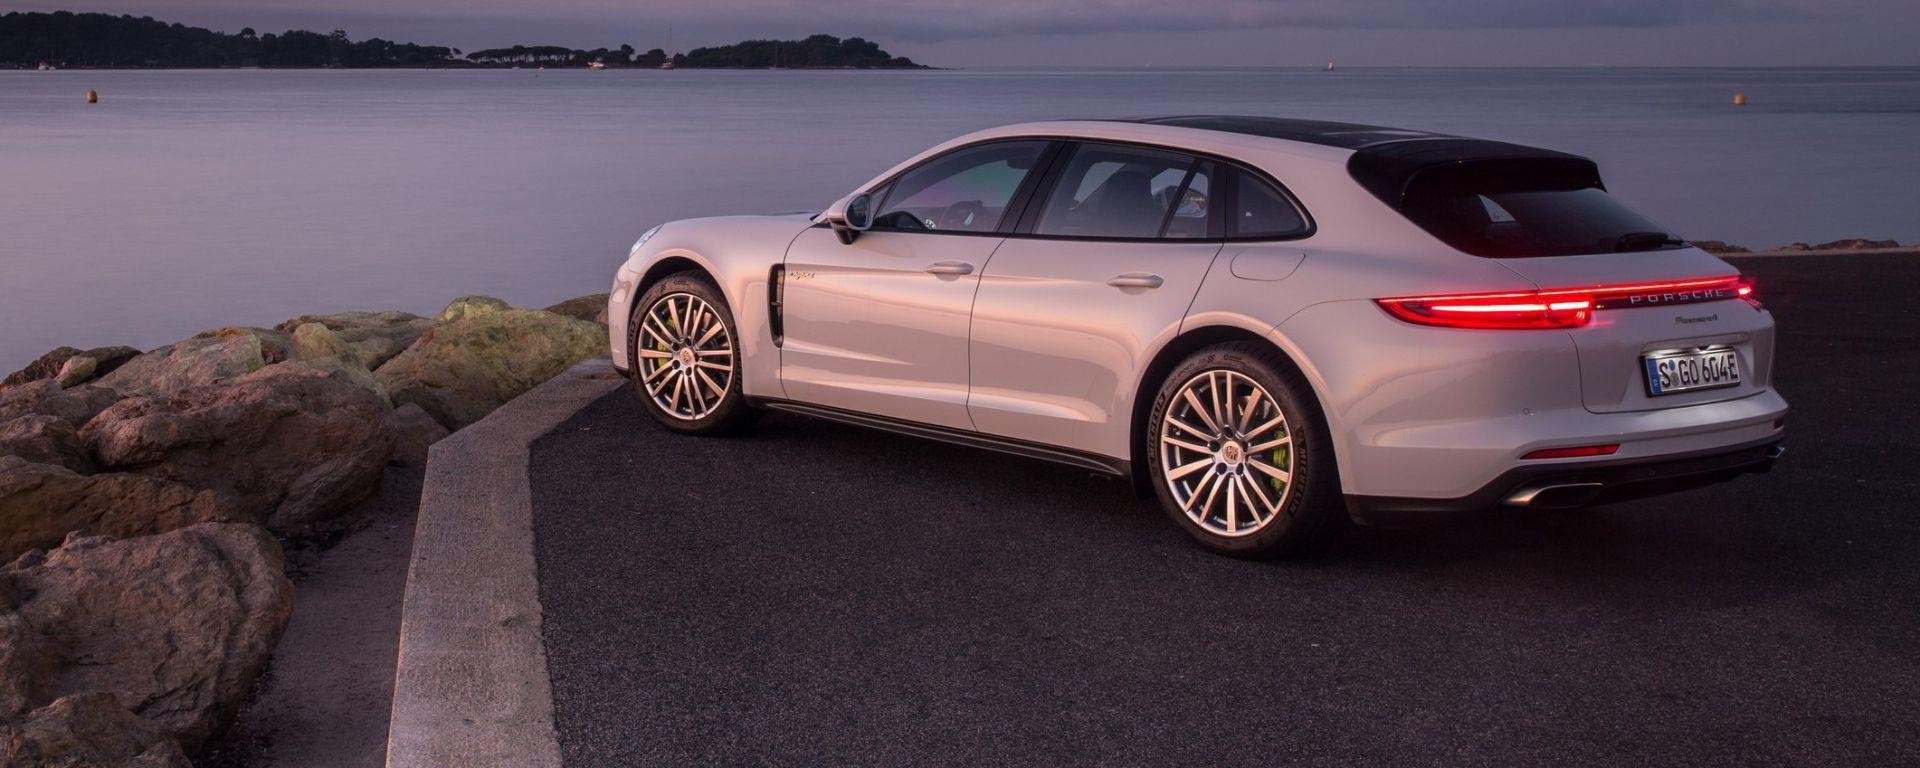 Porsche Panemera Sport Turismo: la Panamera nella sua forma migliore